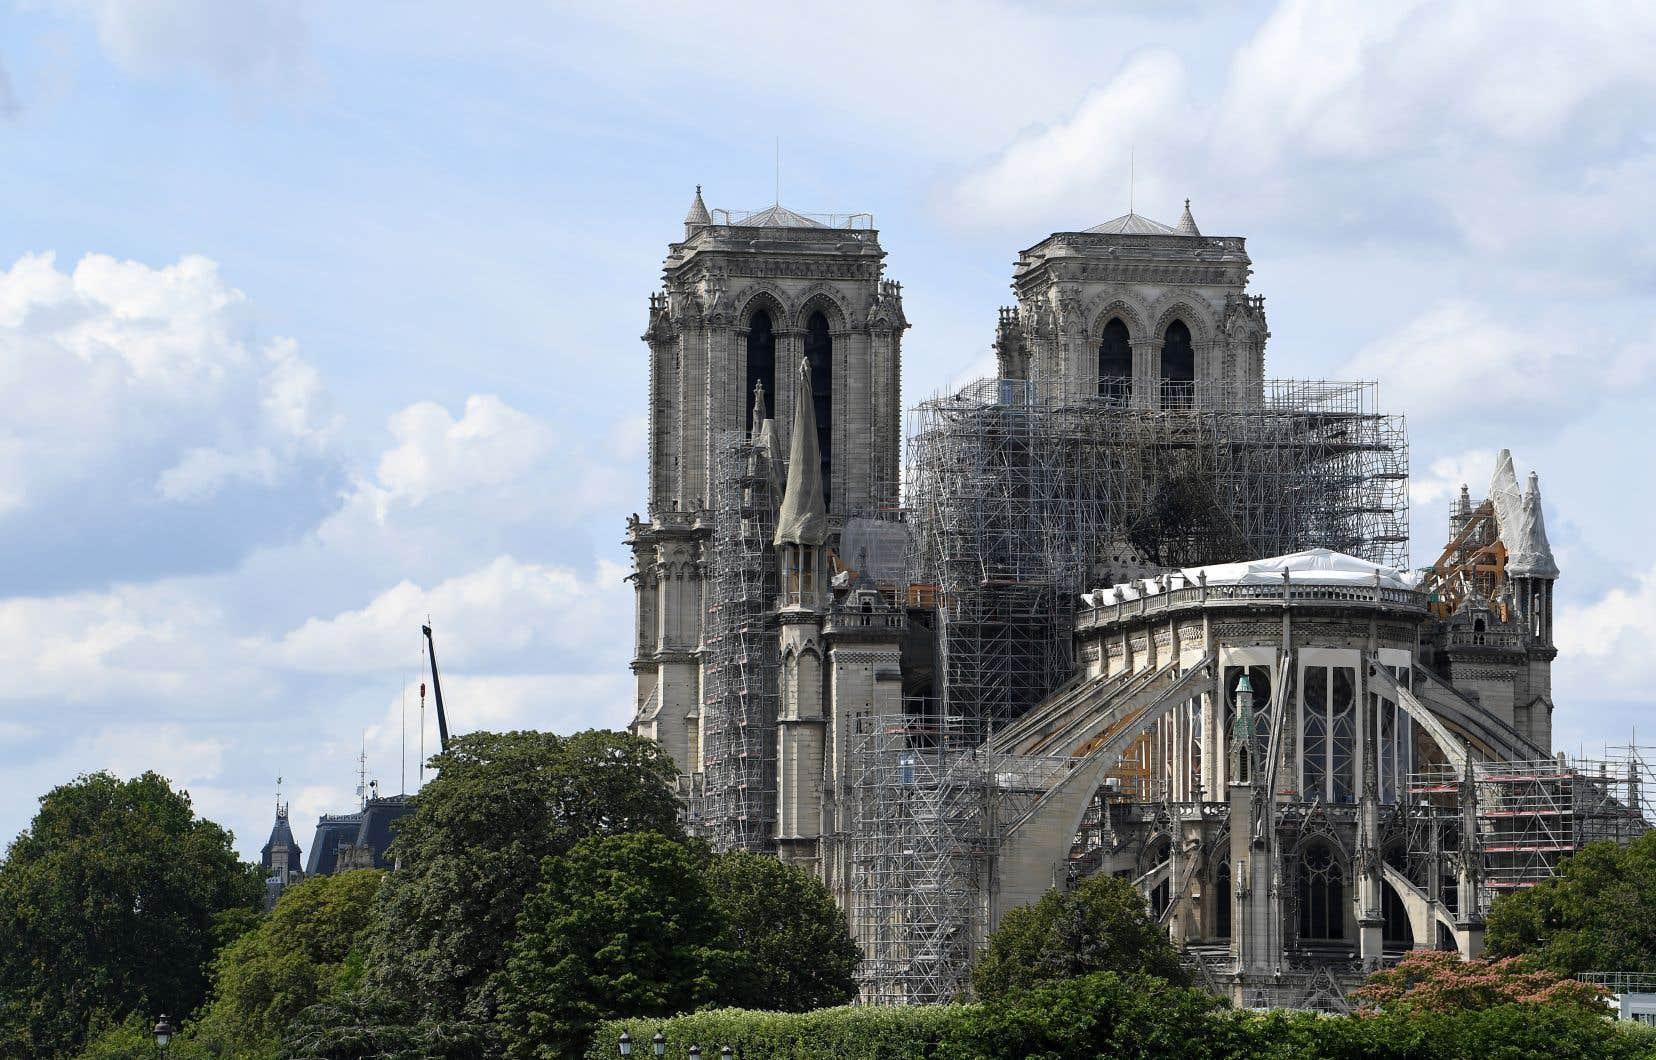 Chef-d'œuvre de l'art gothique, la cathédrale Notre-Dame de Paris a été frappée par un incendie qui a détruit sa charpente et sa flèche le 15avril dernier.